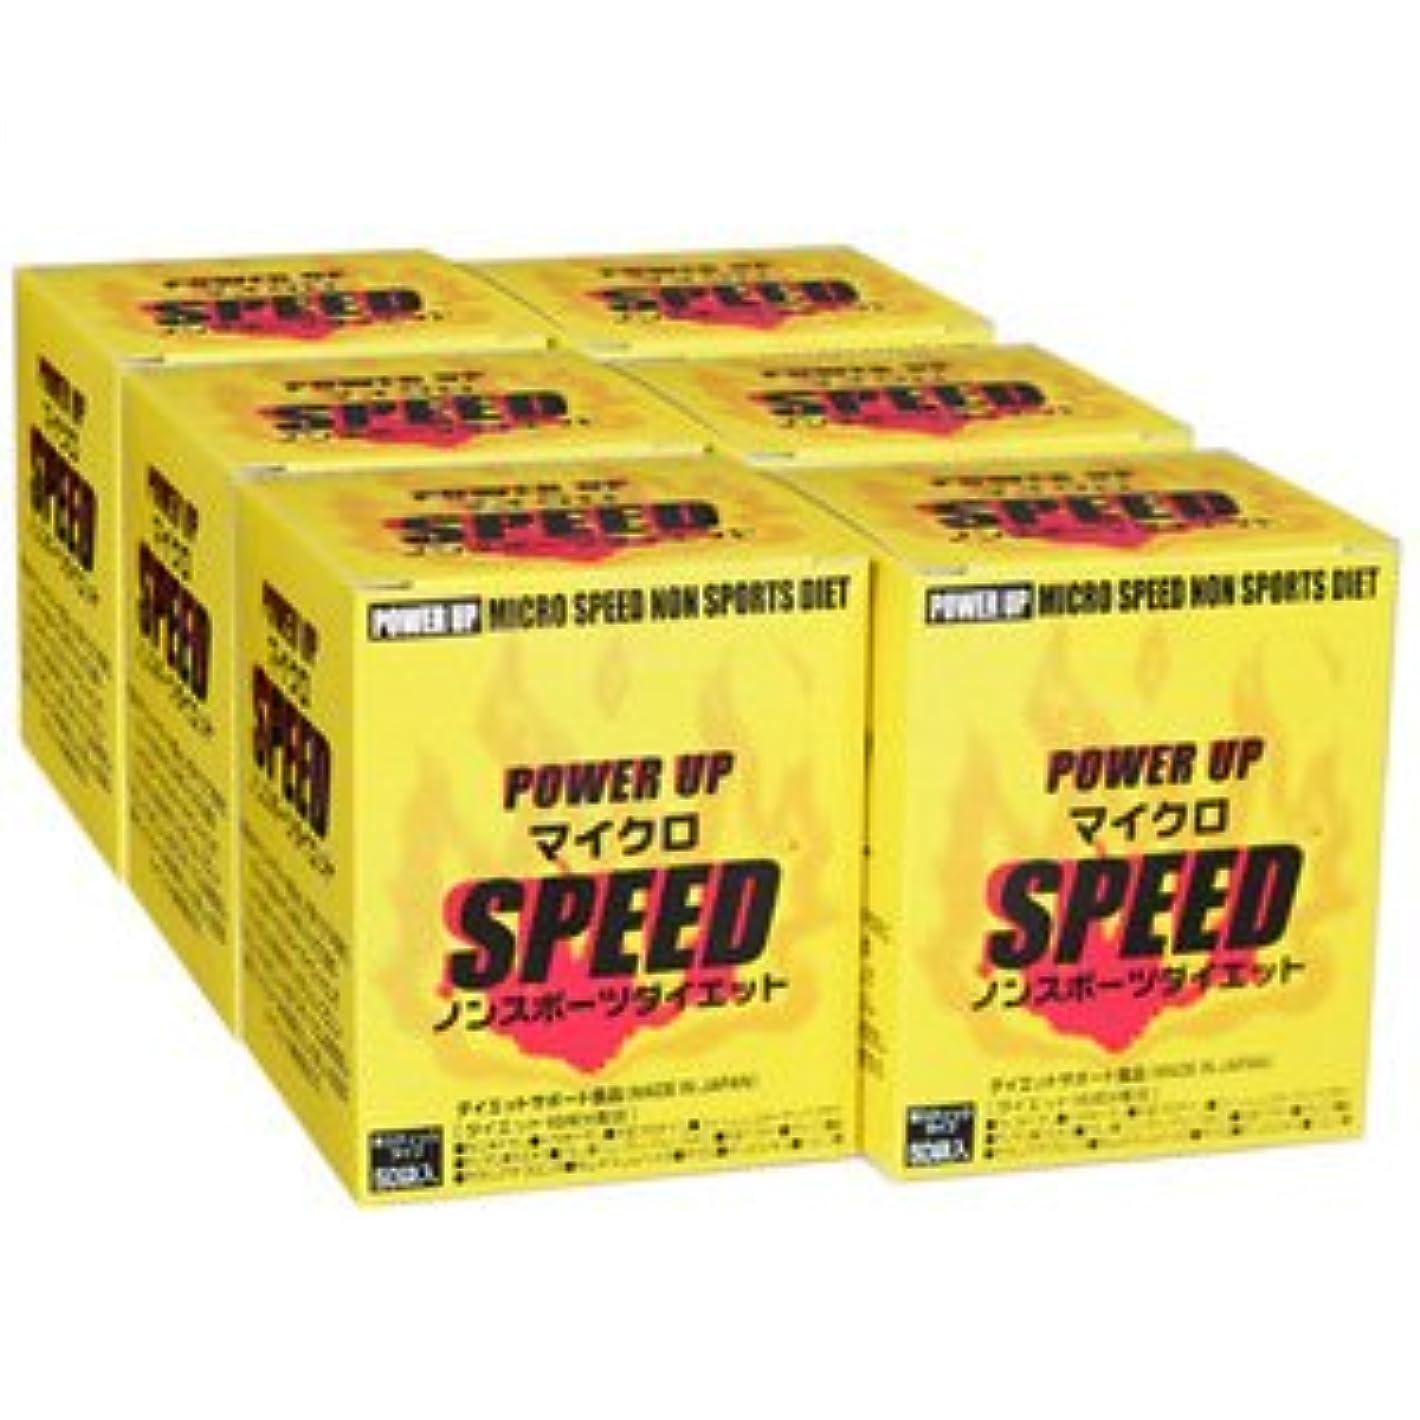 フィクション抽選一般マイクロスピードノンスポーツダイエット 6箱